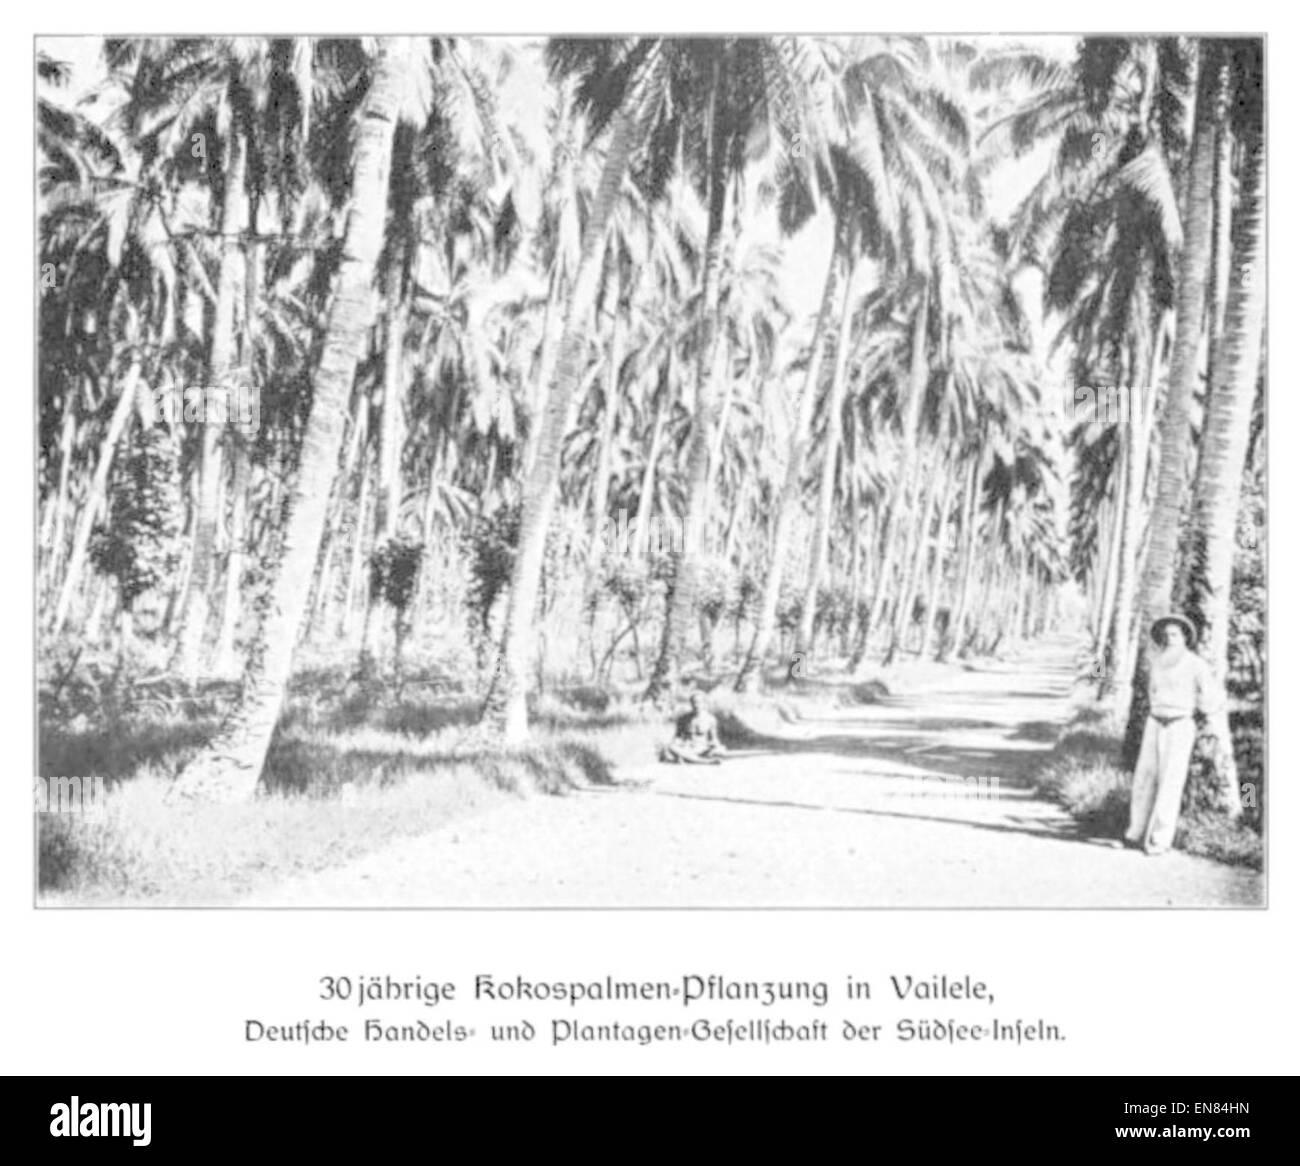 WOHLTMANN(1904) p102 - 30-jC3A4hrige Kokospalmen-Pflanzung in Vailele, Deutsche Handels- und Plantagengesellschaft - Stock Image